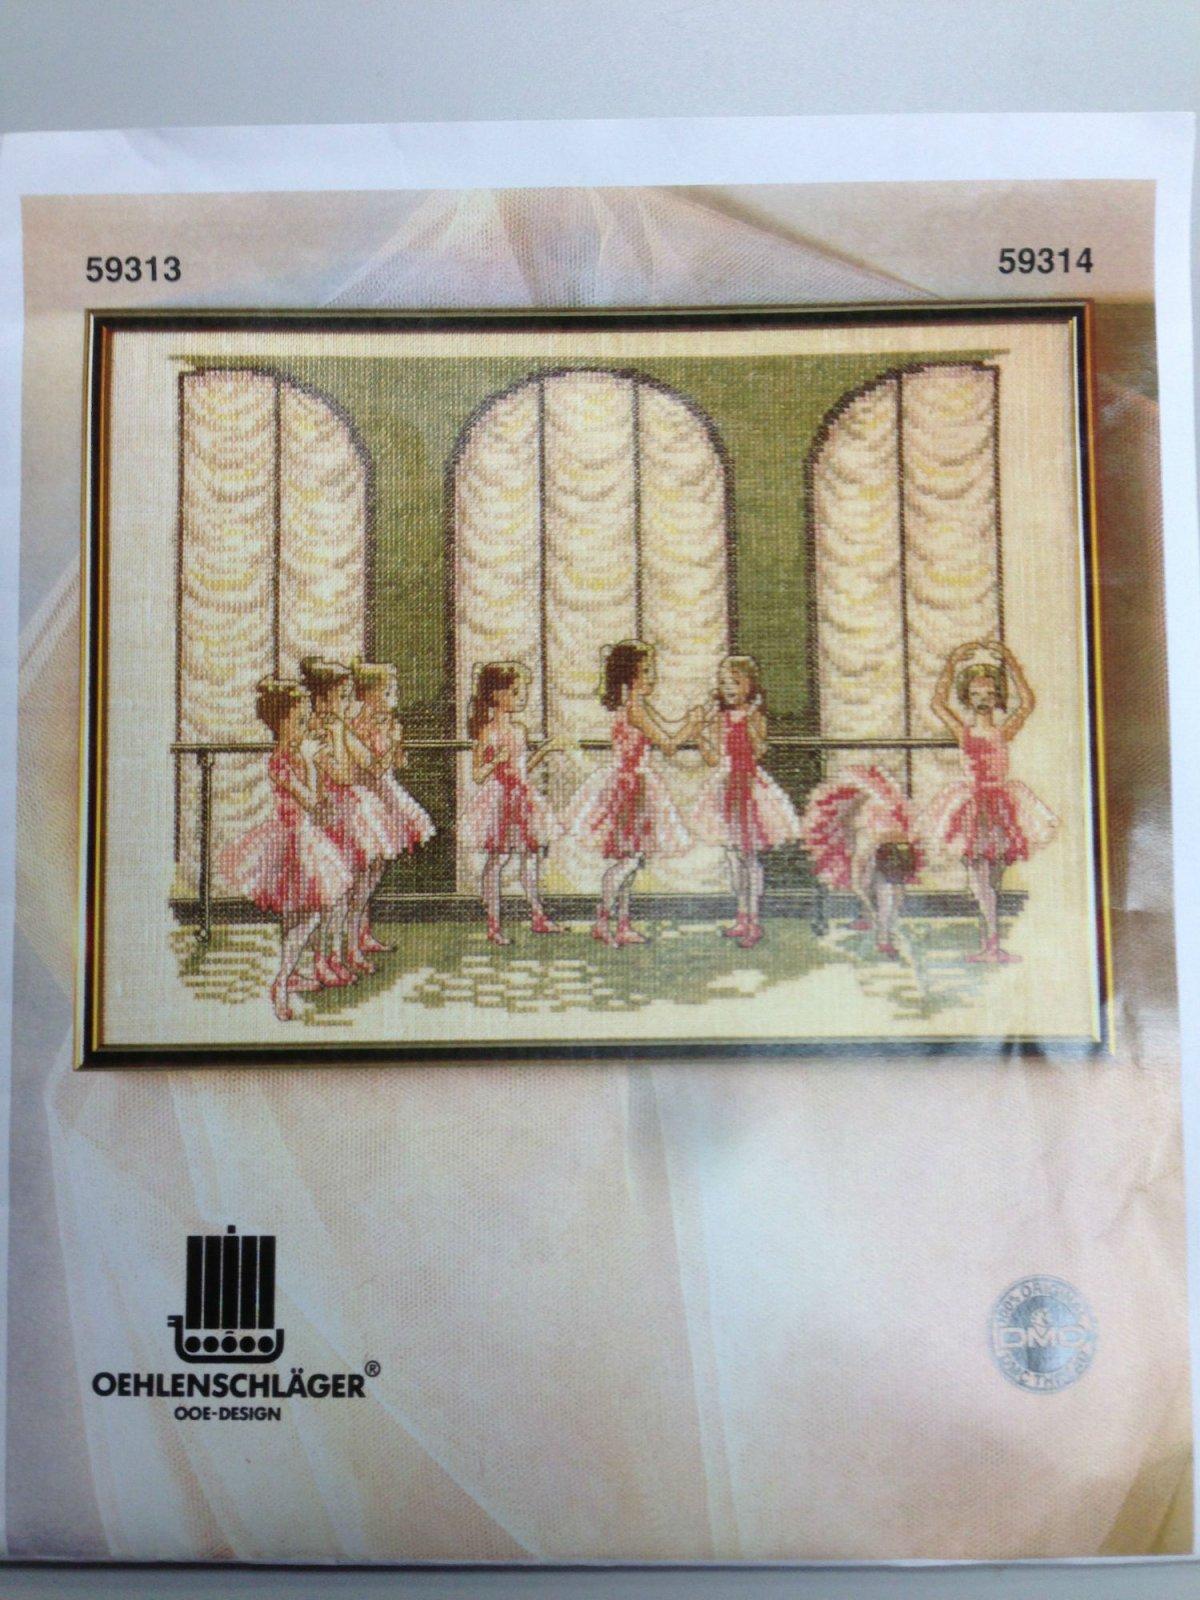 Oehlenschlager 59313 (ballerinas)